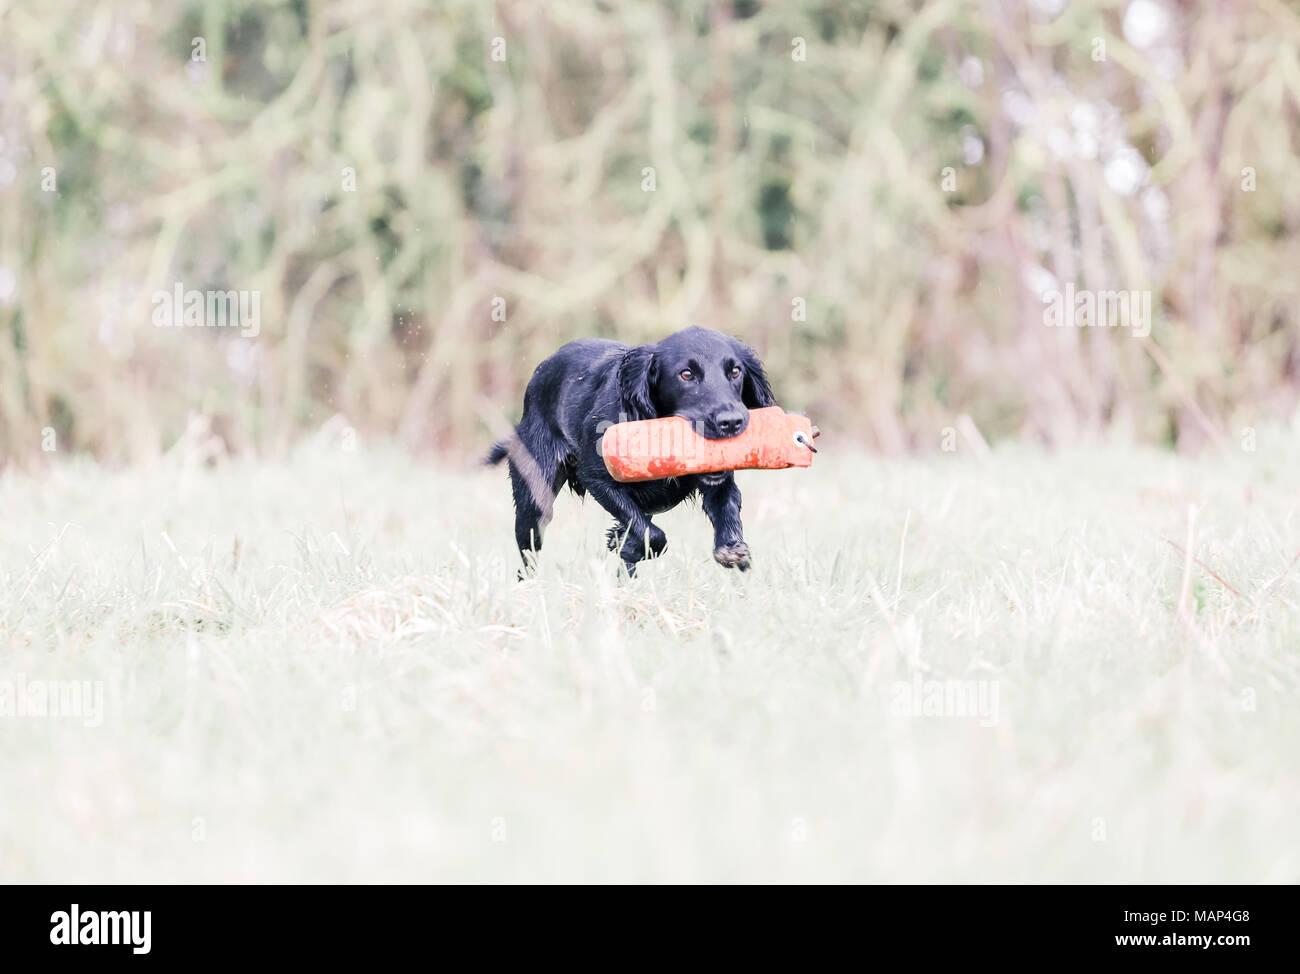 Working Cocker Spaniel hunde Training in der Landschaft, Vereinigtes Königreich Stockbild